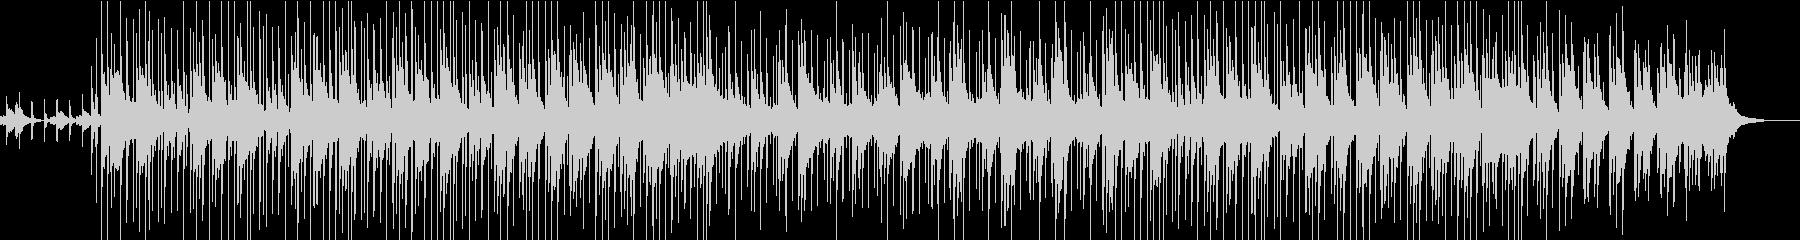 ビブラフォン、アコースティックベー...の未再生の波形